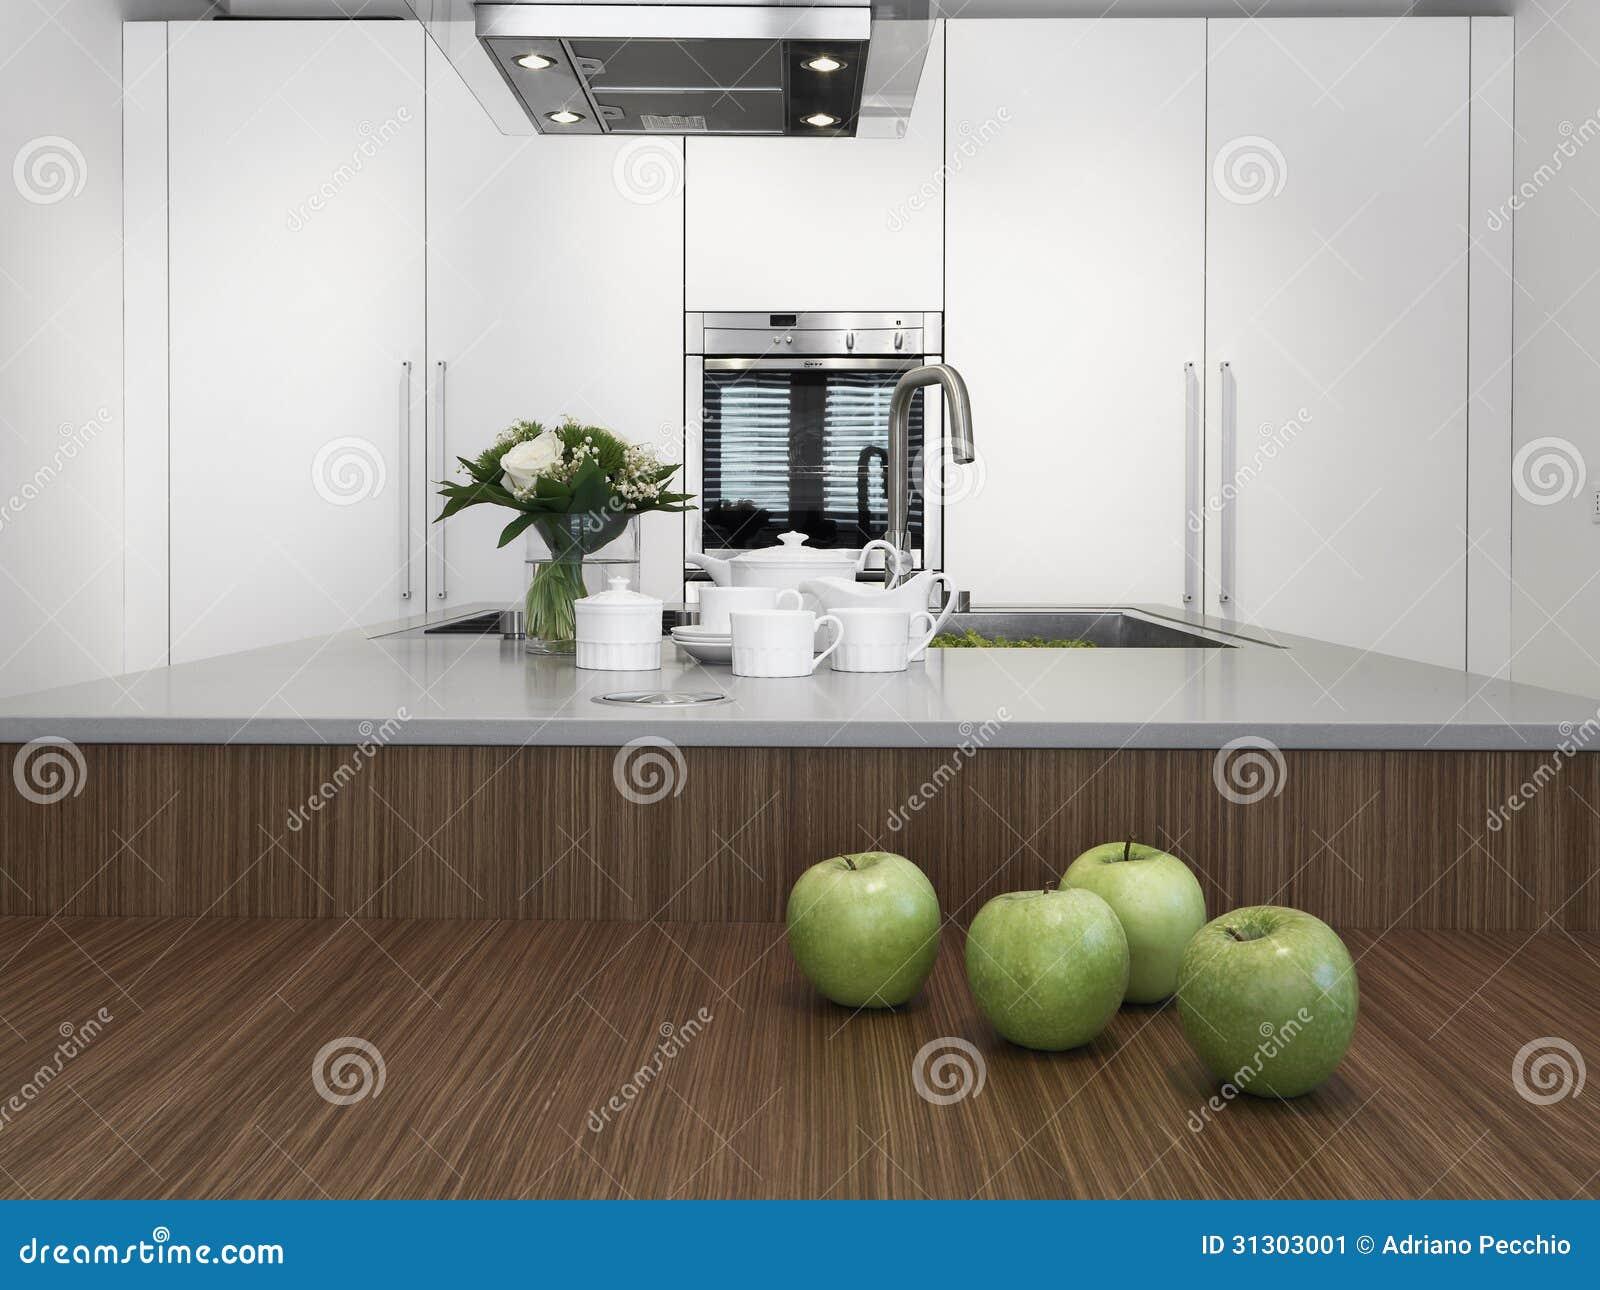 Piatti sul piano di lavoro in una cucina moderna immagine - Piano da lavoro cucina ...